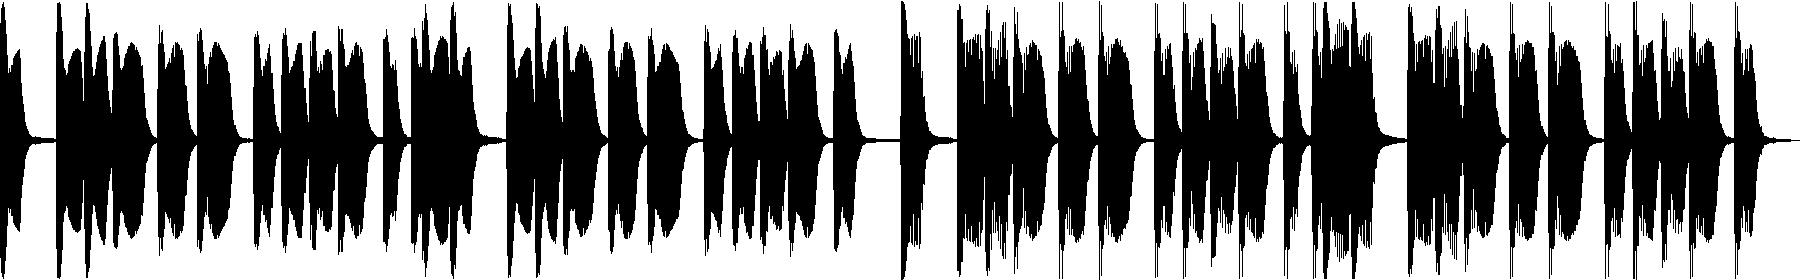 vedh melodyloop 045 gm 126bpm